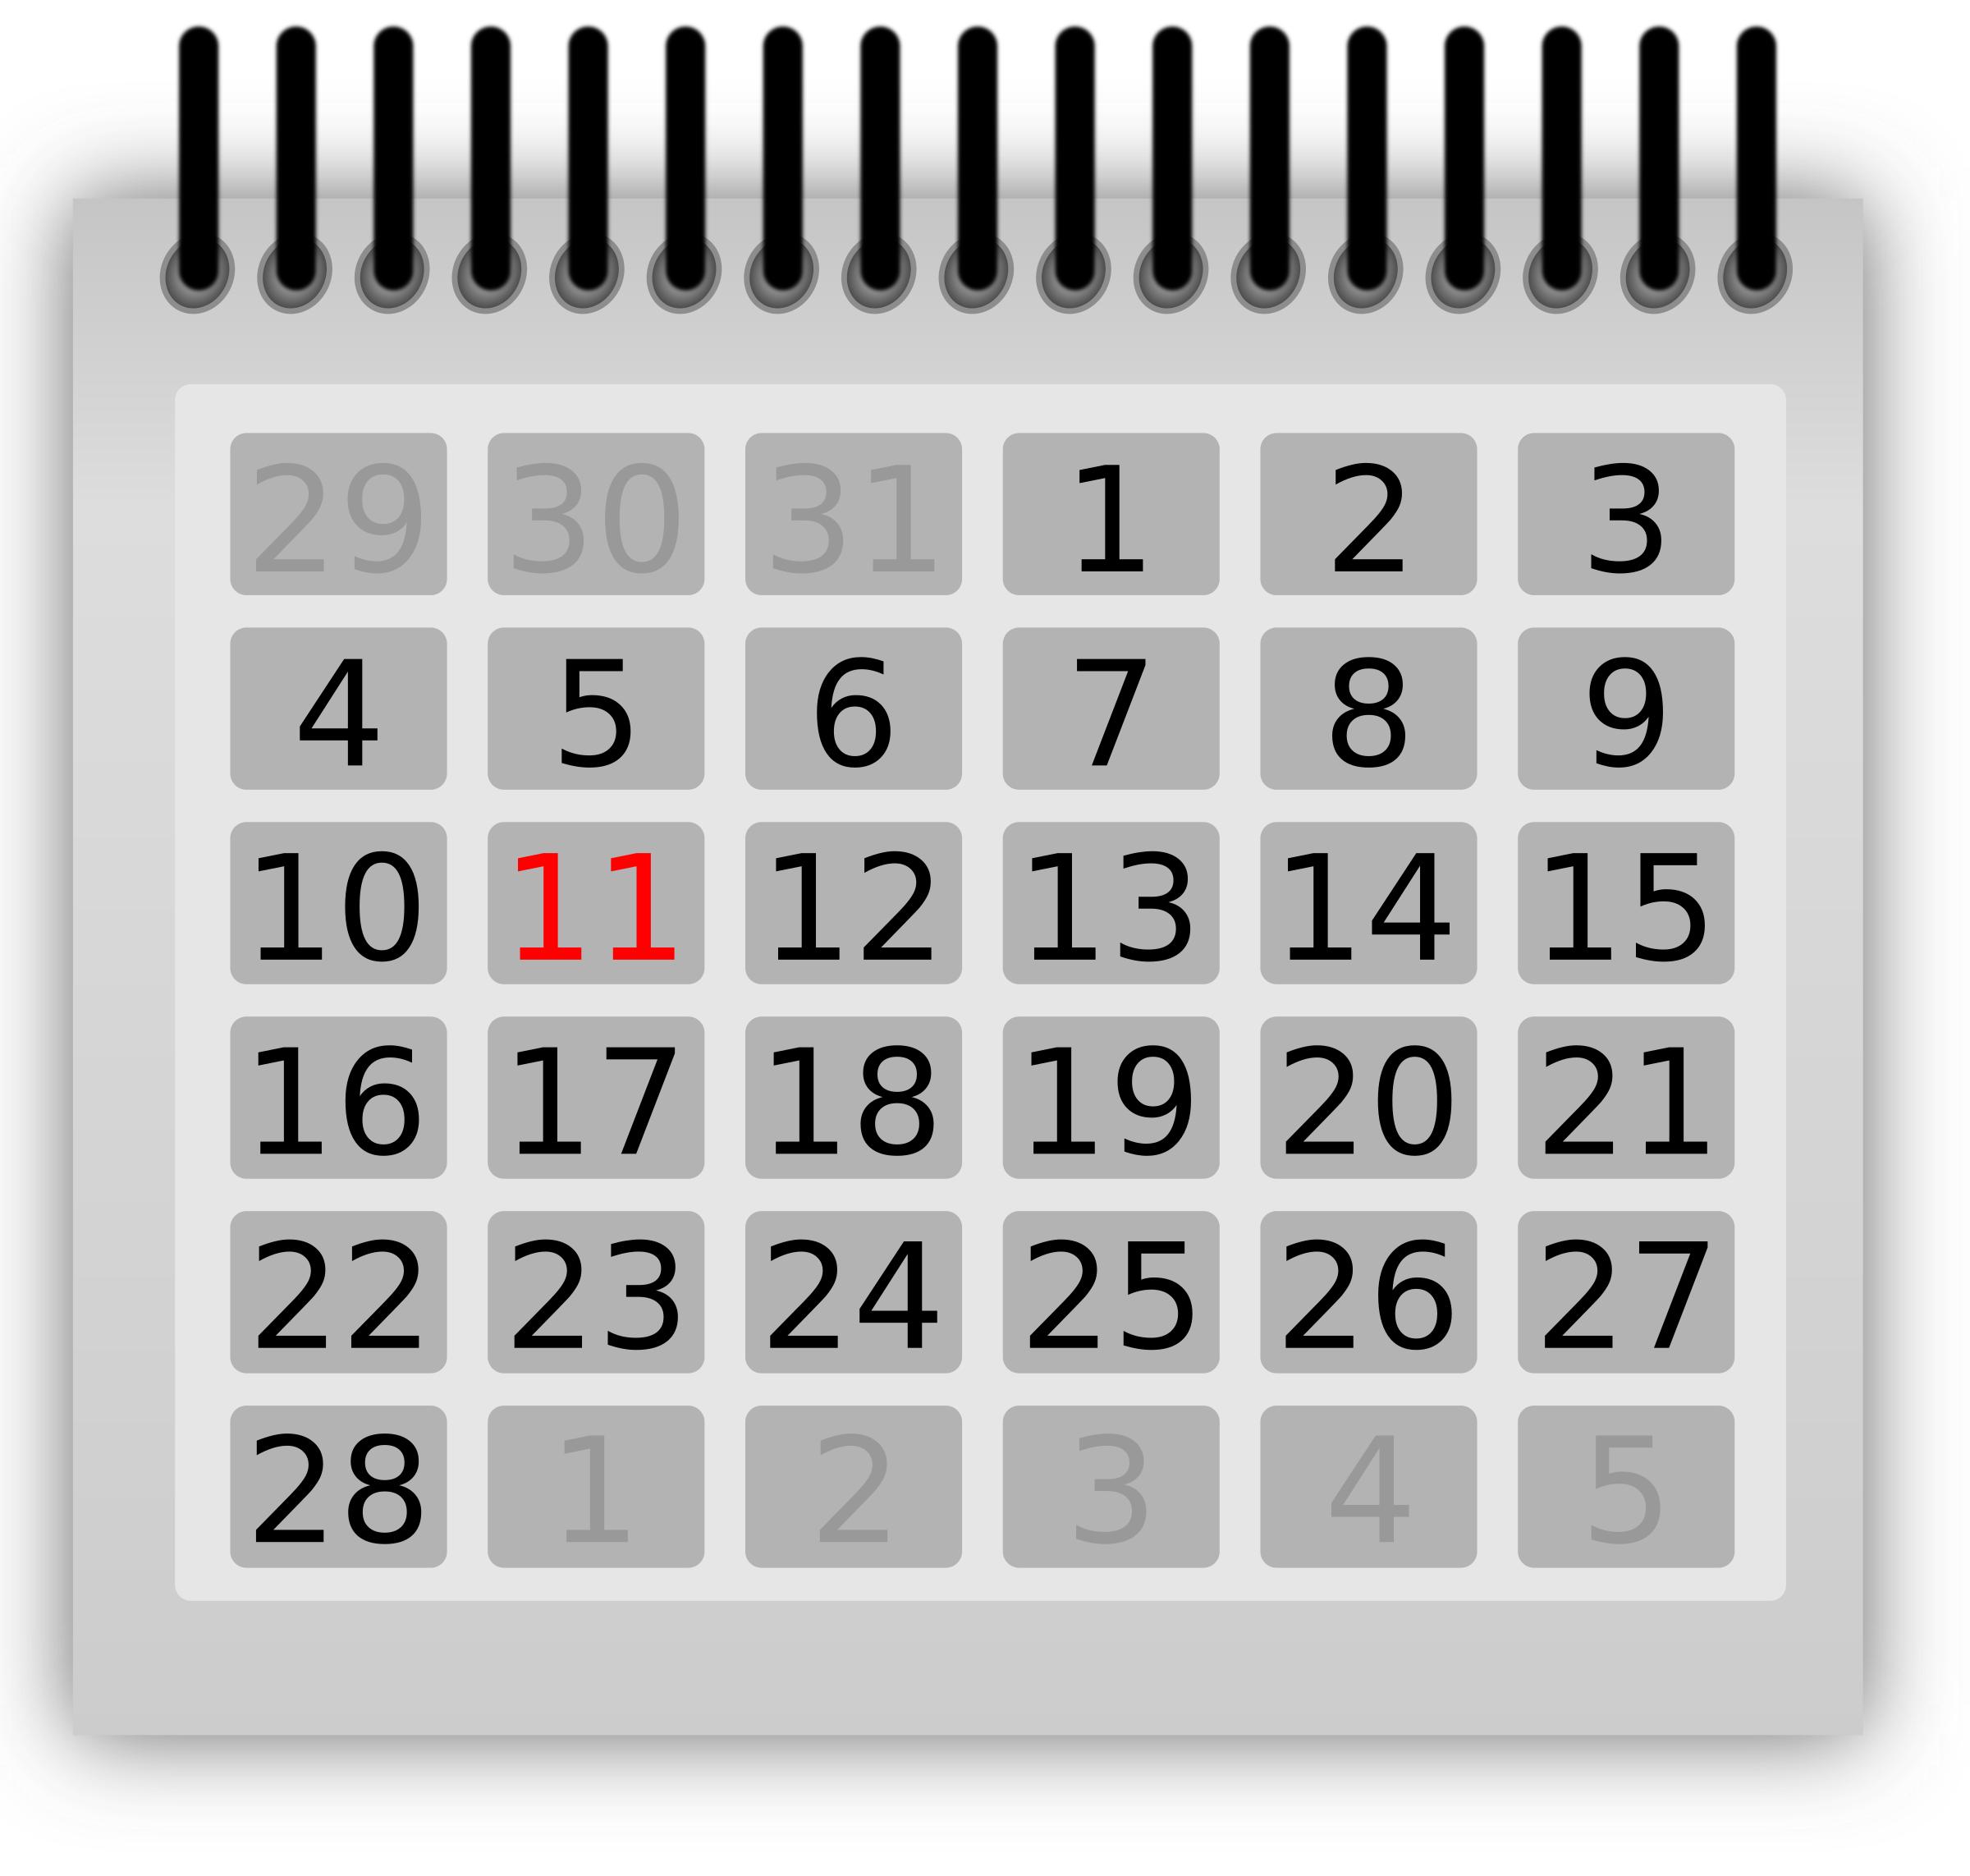 Calendar by hawk88